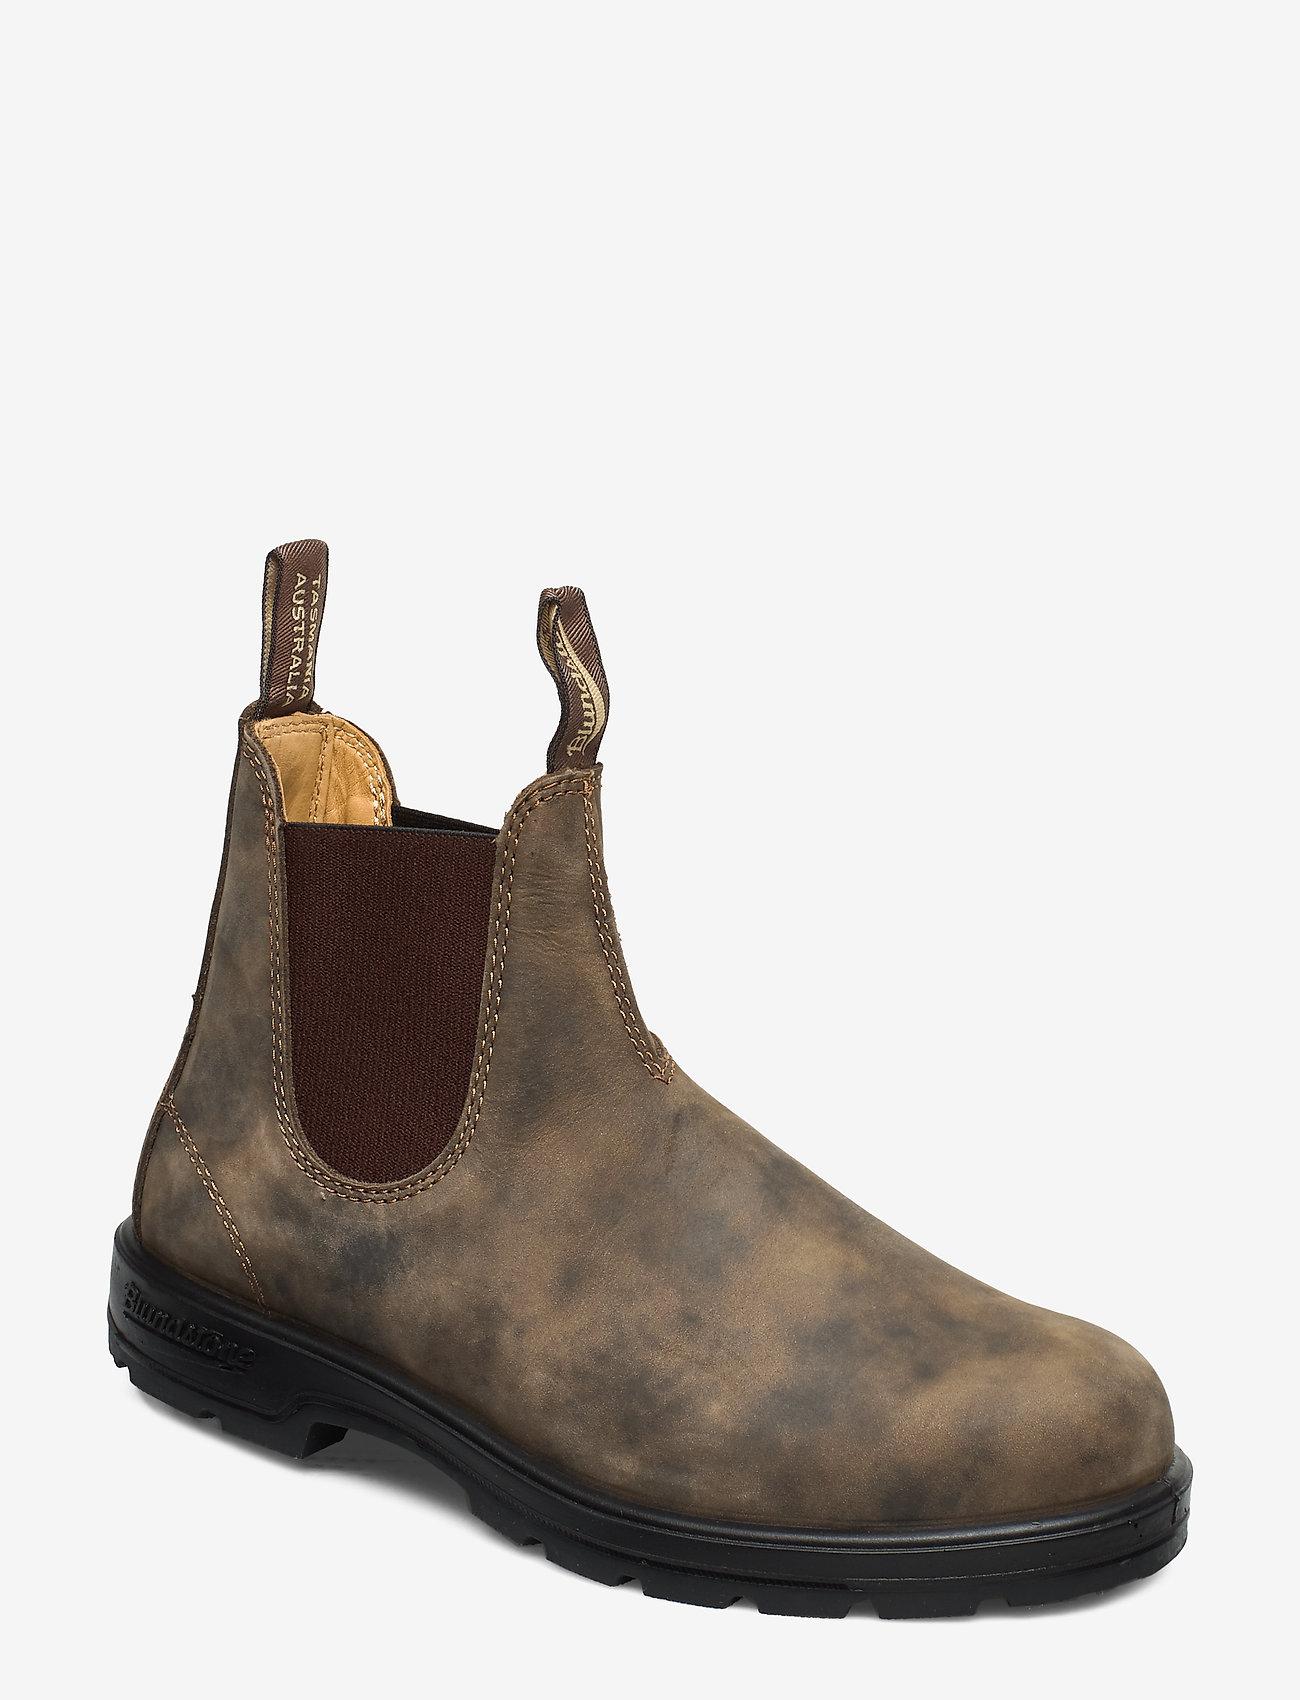 Blundstone - BL CLASSIC COMFORT (PU/TPU SOLE) - chelsea boots - rustic brown - 0